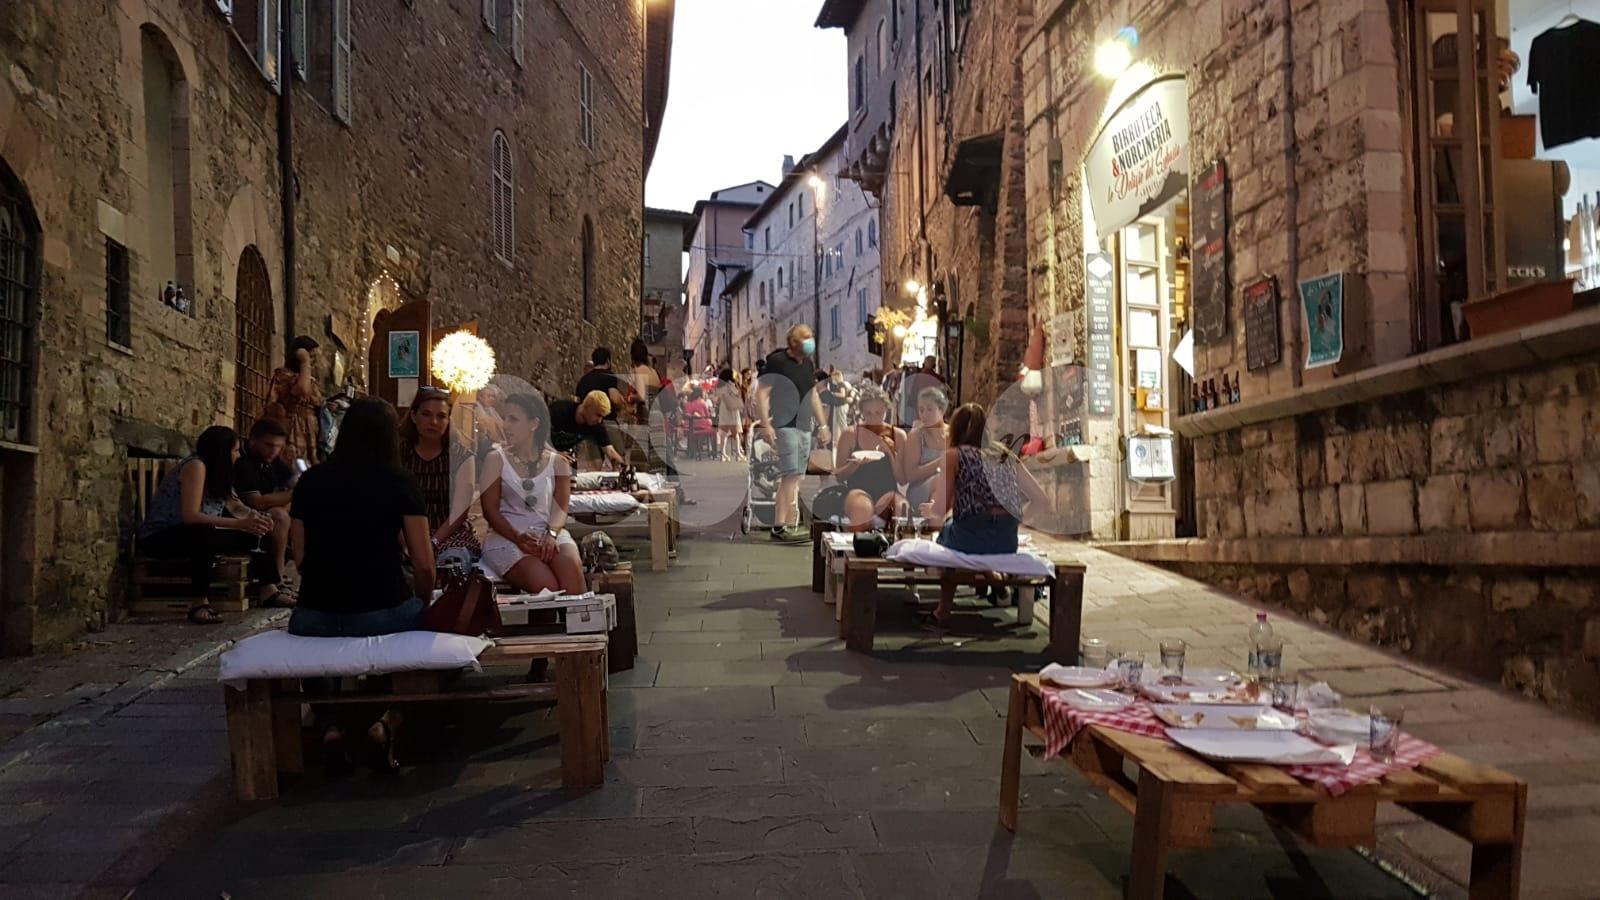 Eventi ad Assisi, gli appuntamenti del weekend 17-19 luglio 2020